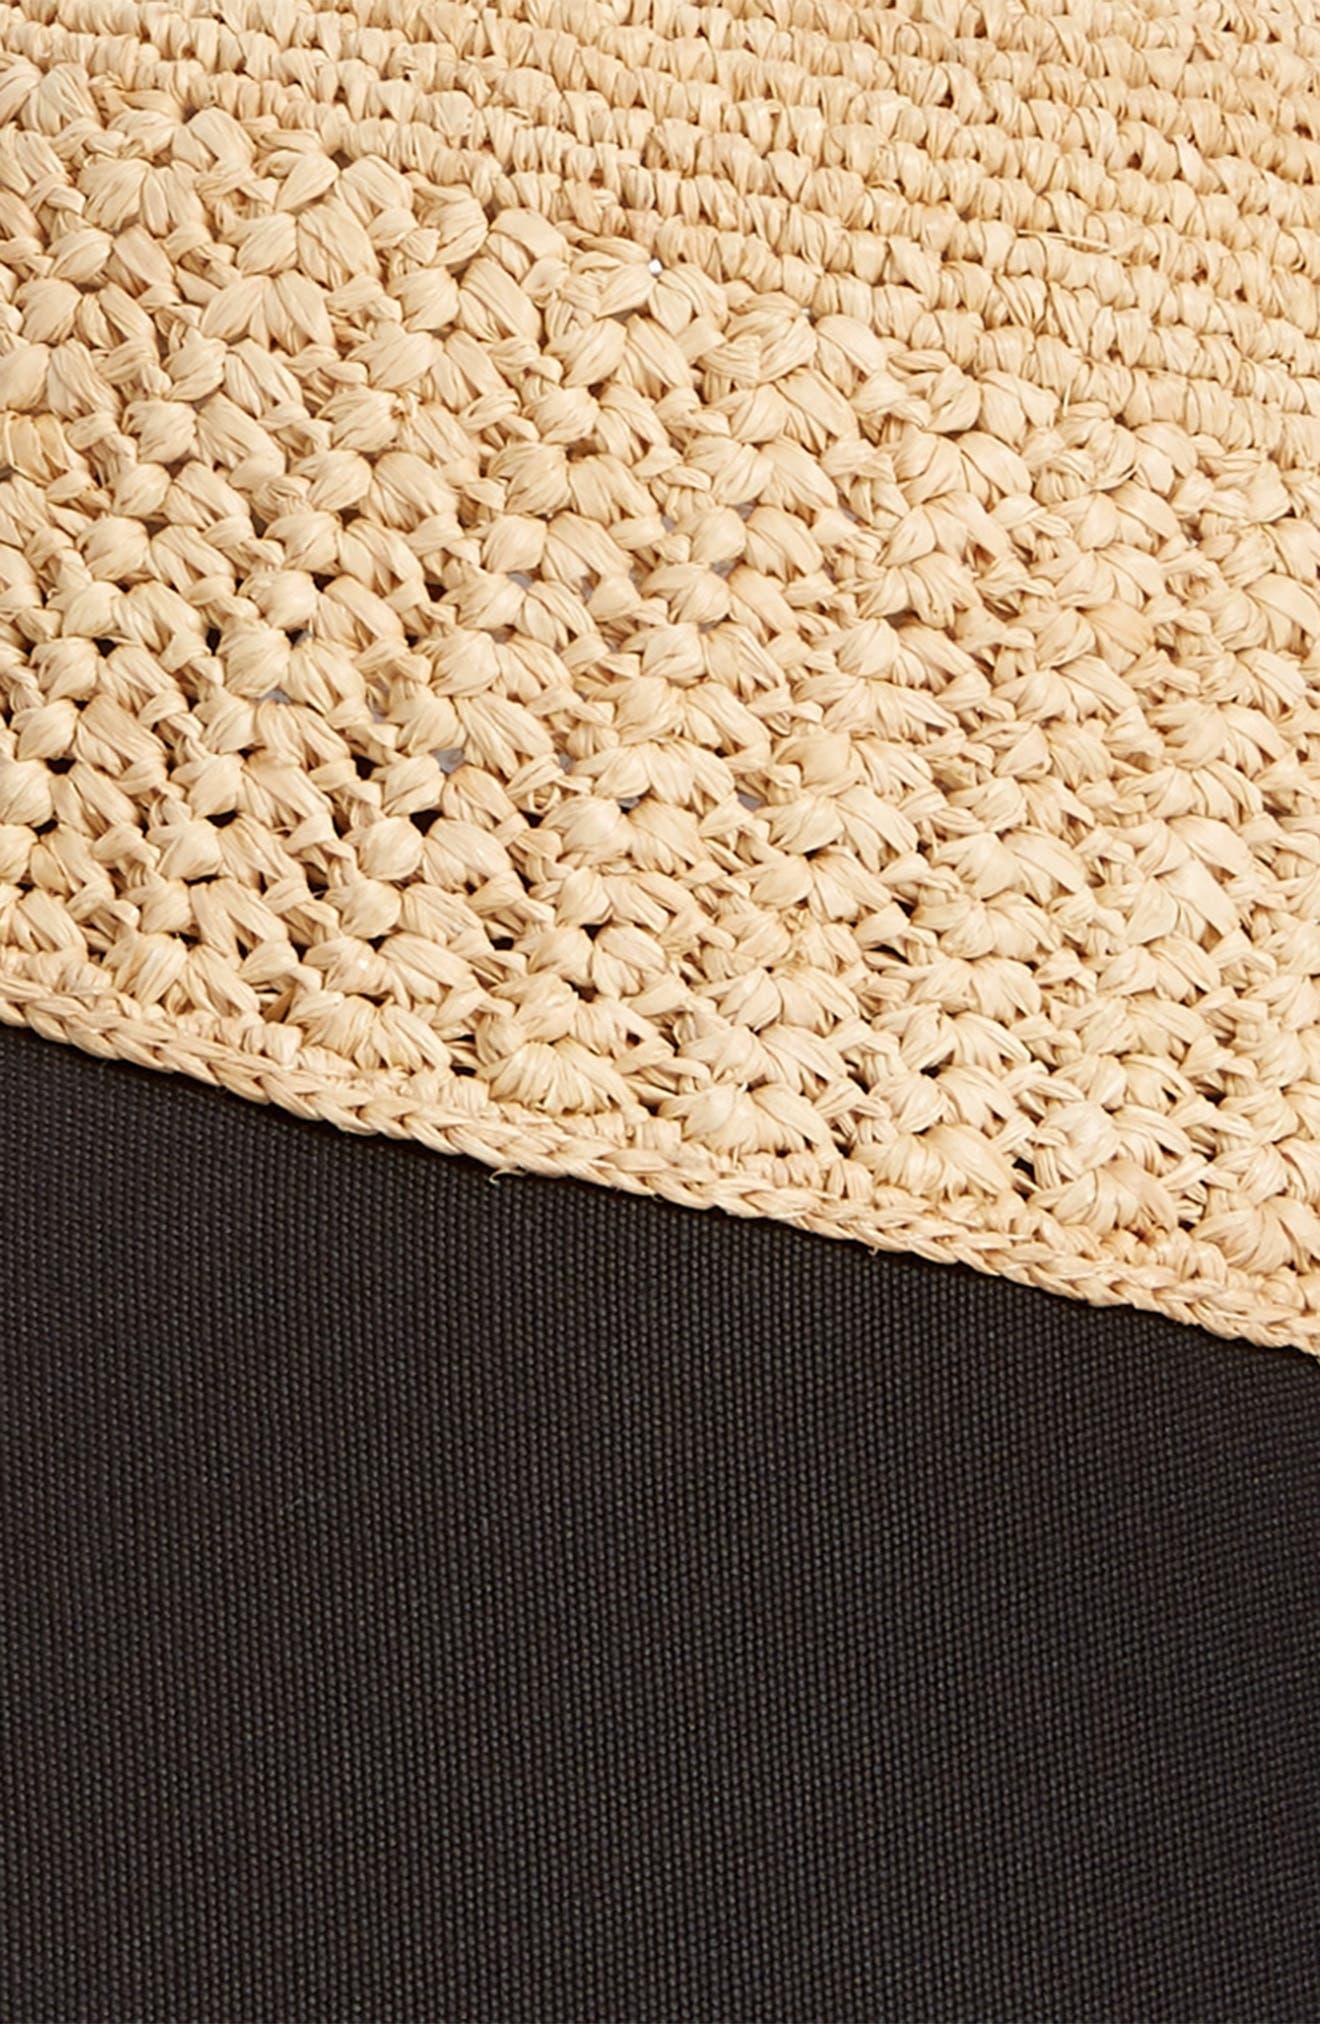 Wide Peak Raffia & Cotton Cap,                             Alternate thumbnail 2, color,                             NATURAL/ BLACK